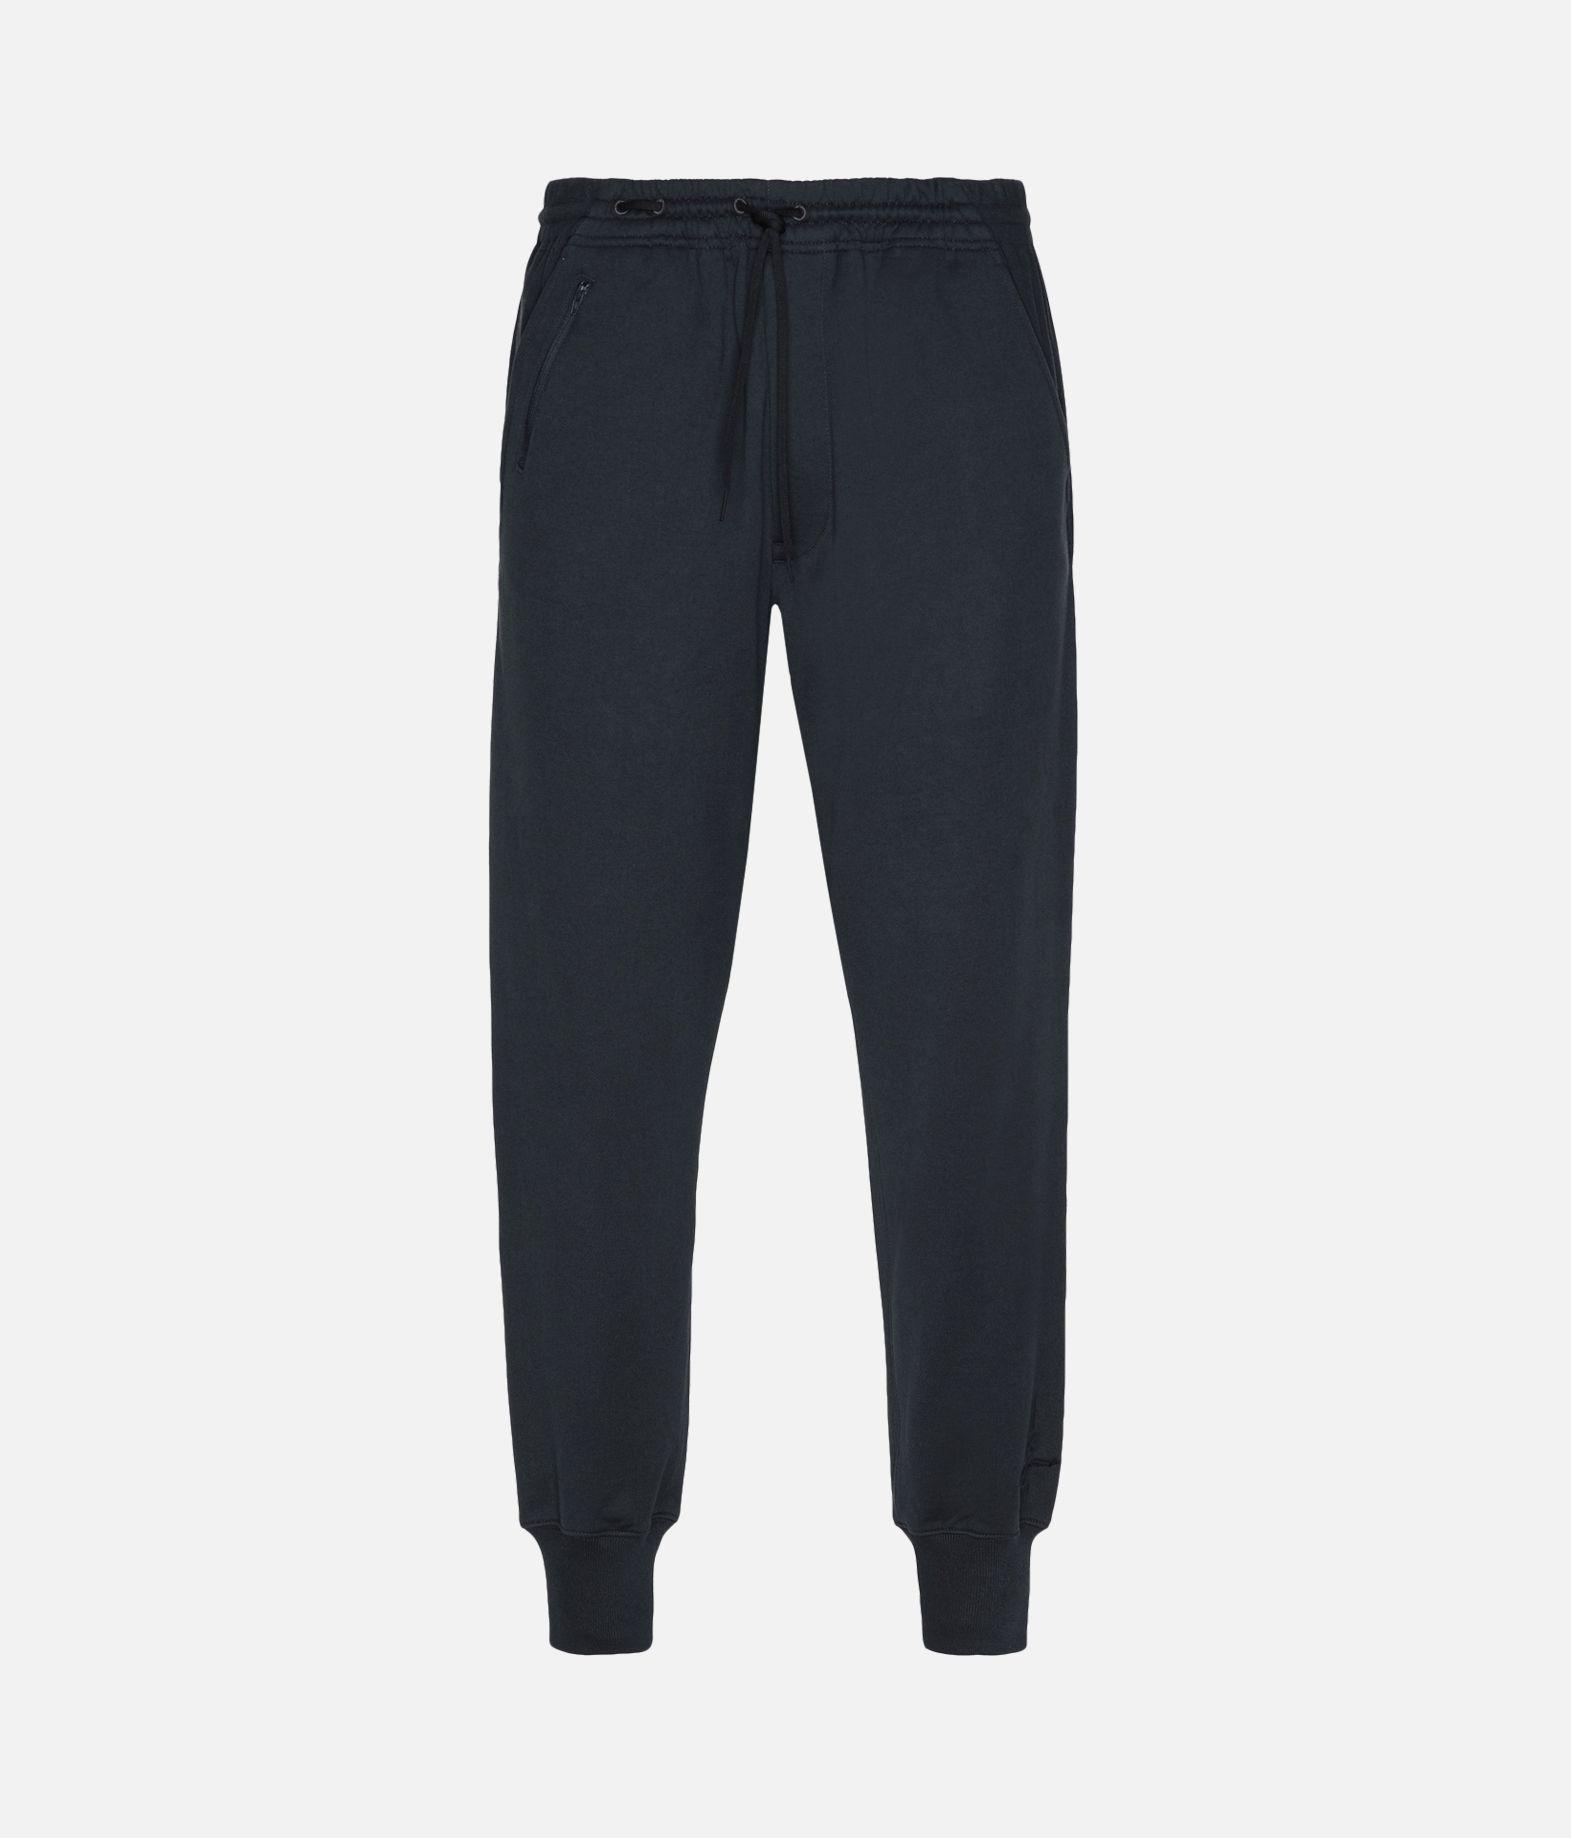 Y-3 Y-3 Classic Cuffed Pants スウェットパンツ メンズ f